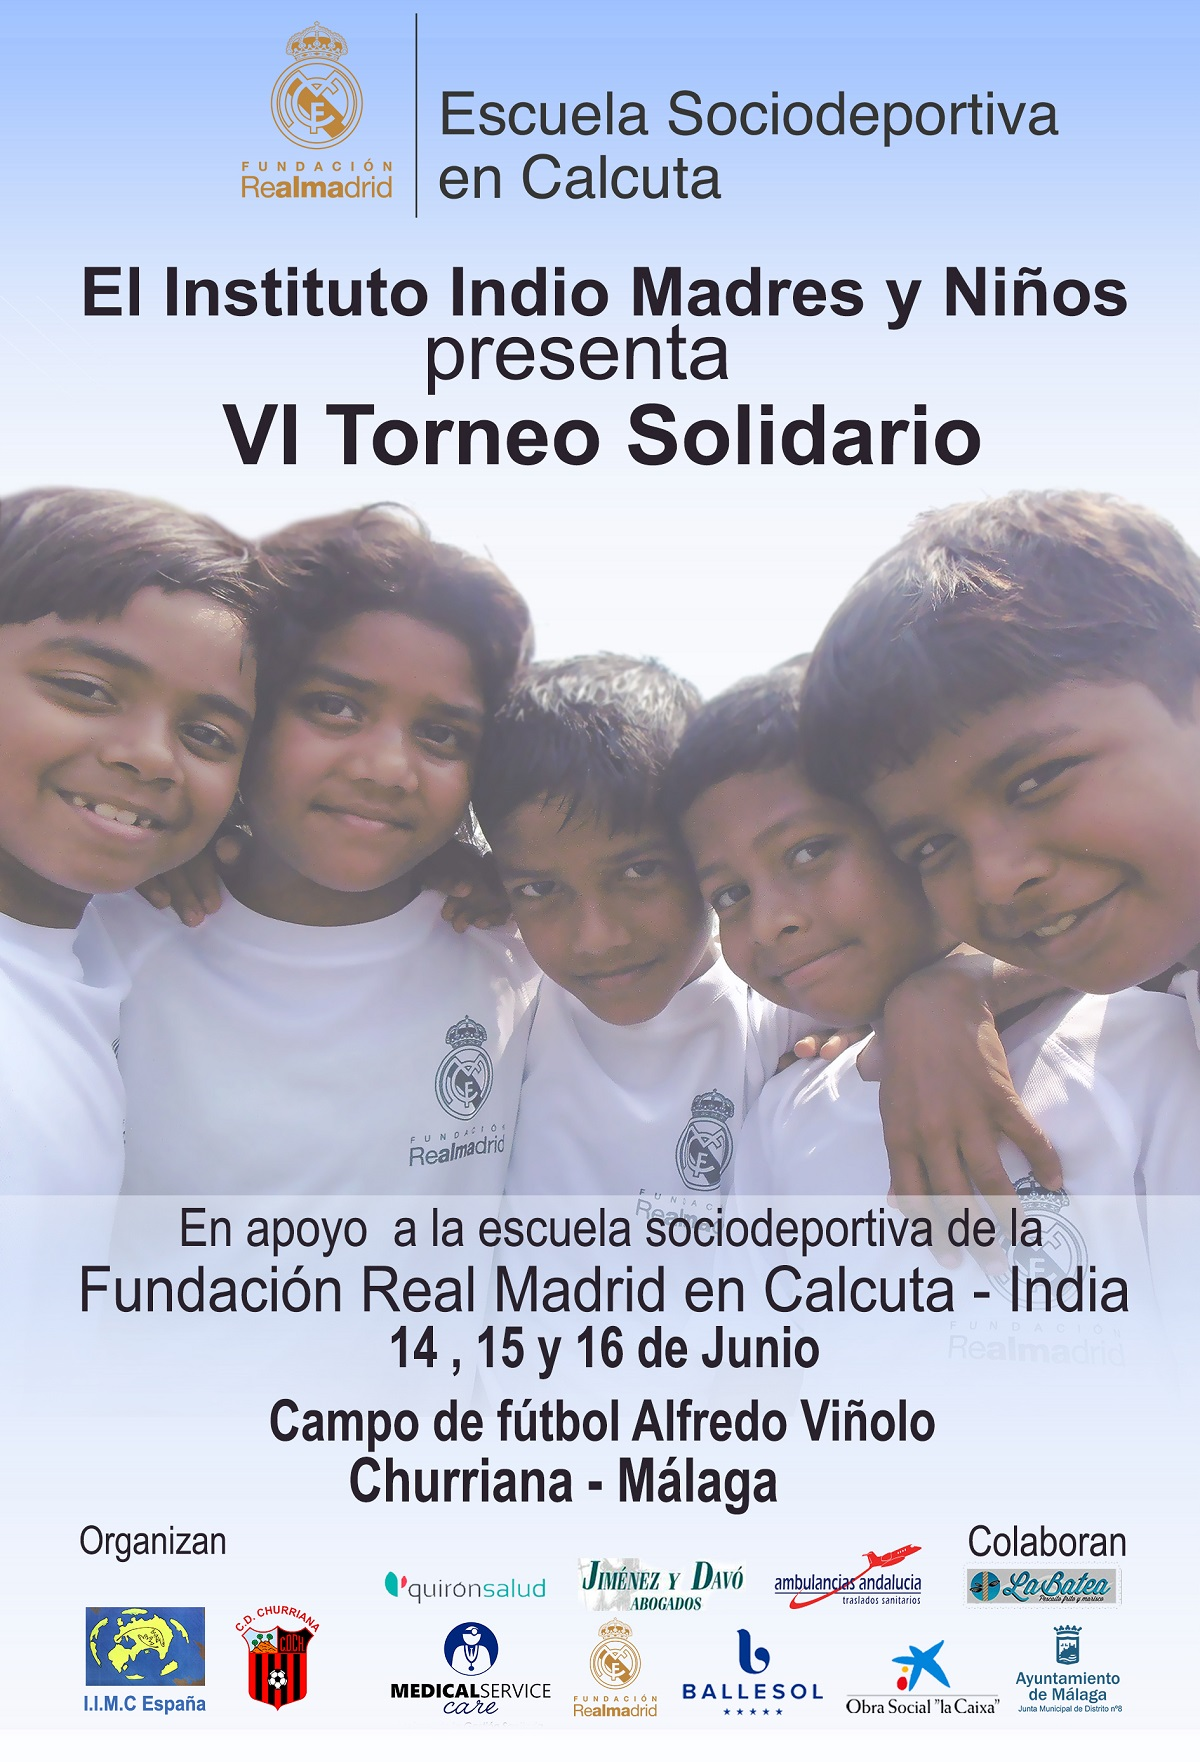 El VI Torneo de Fútbol Solidario en Churriana